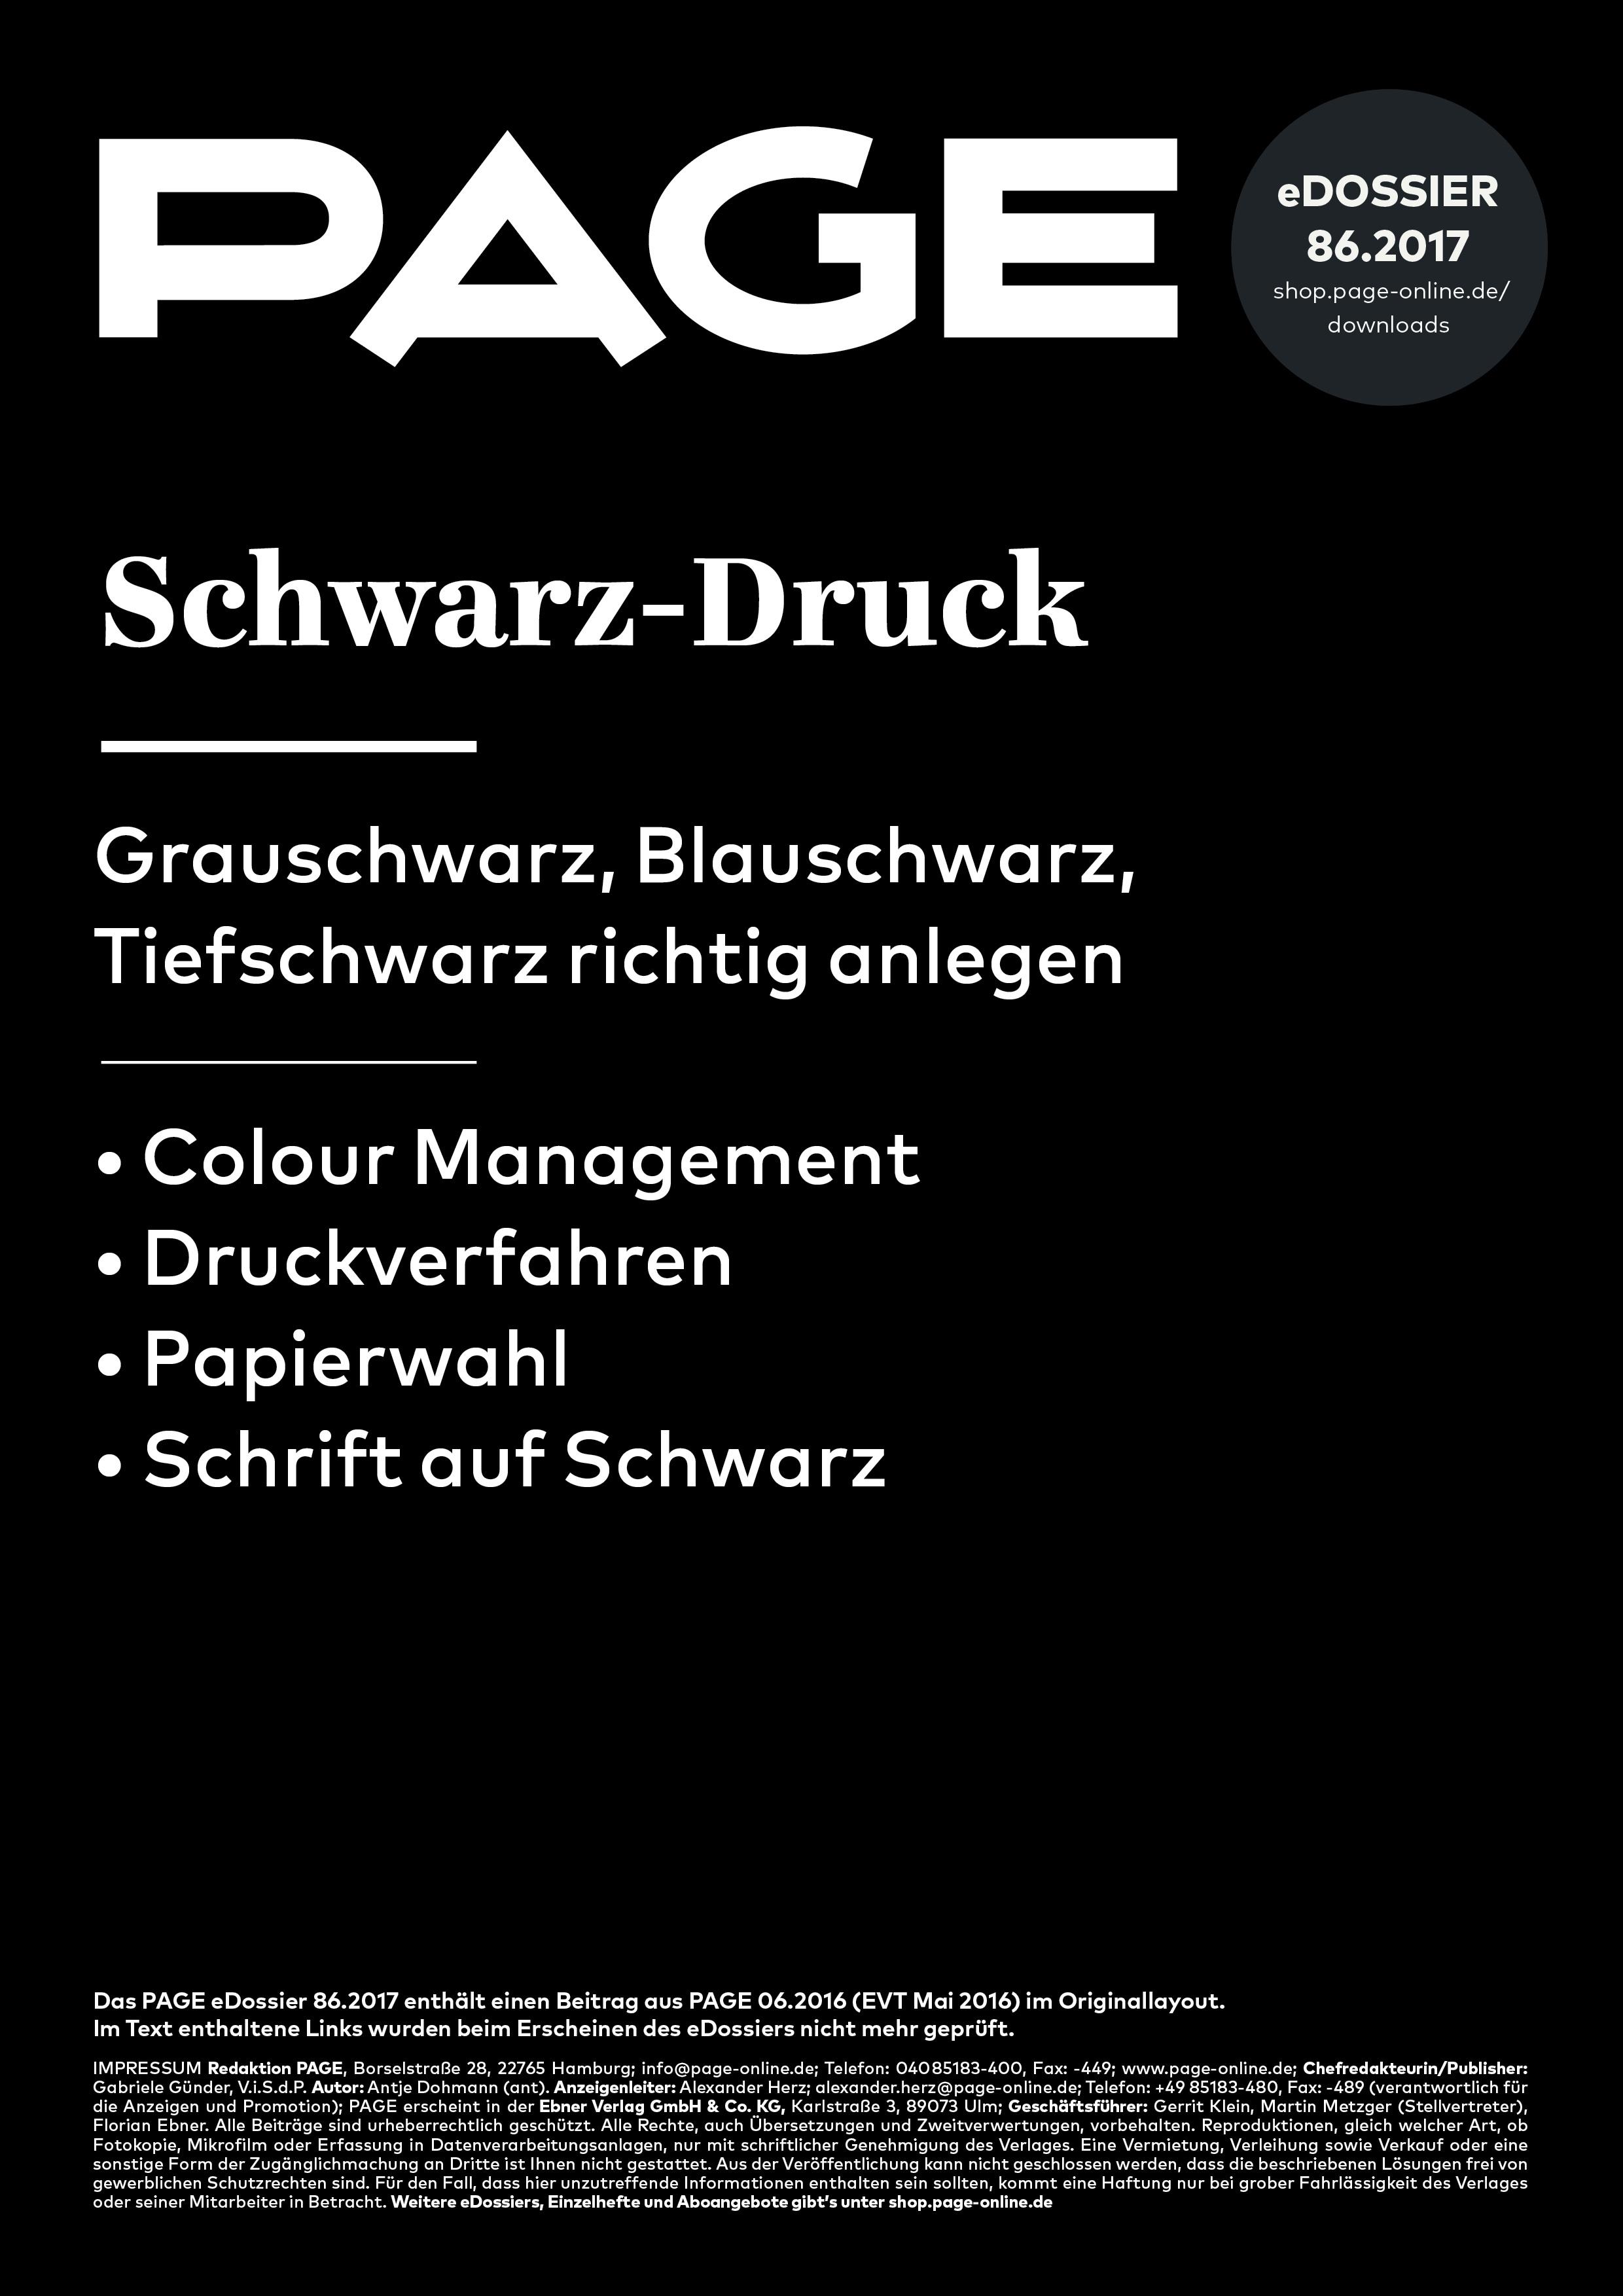 Farbmanagement, tiefschwarz CMYK, Pantone, 4c-Druck, Papier, Druckerei, Druckverfahren, Packaging